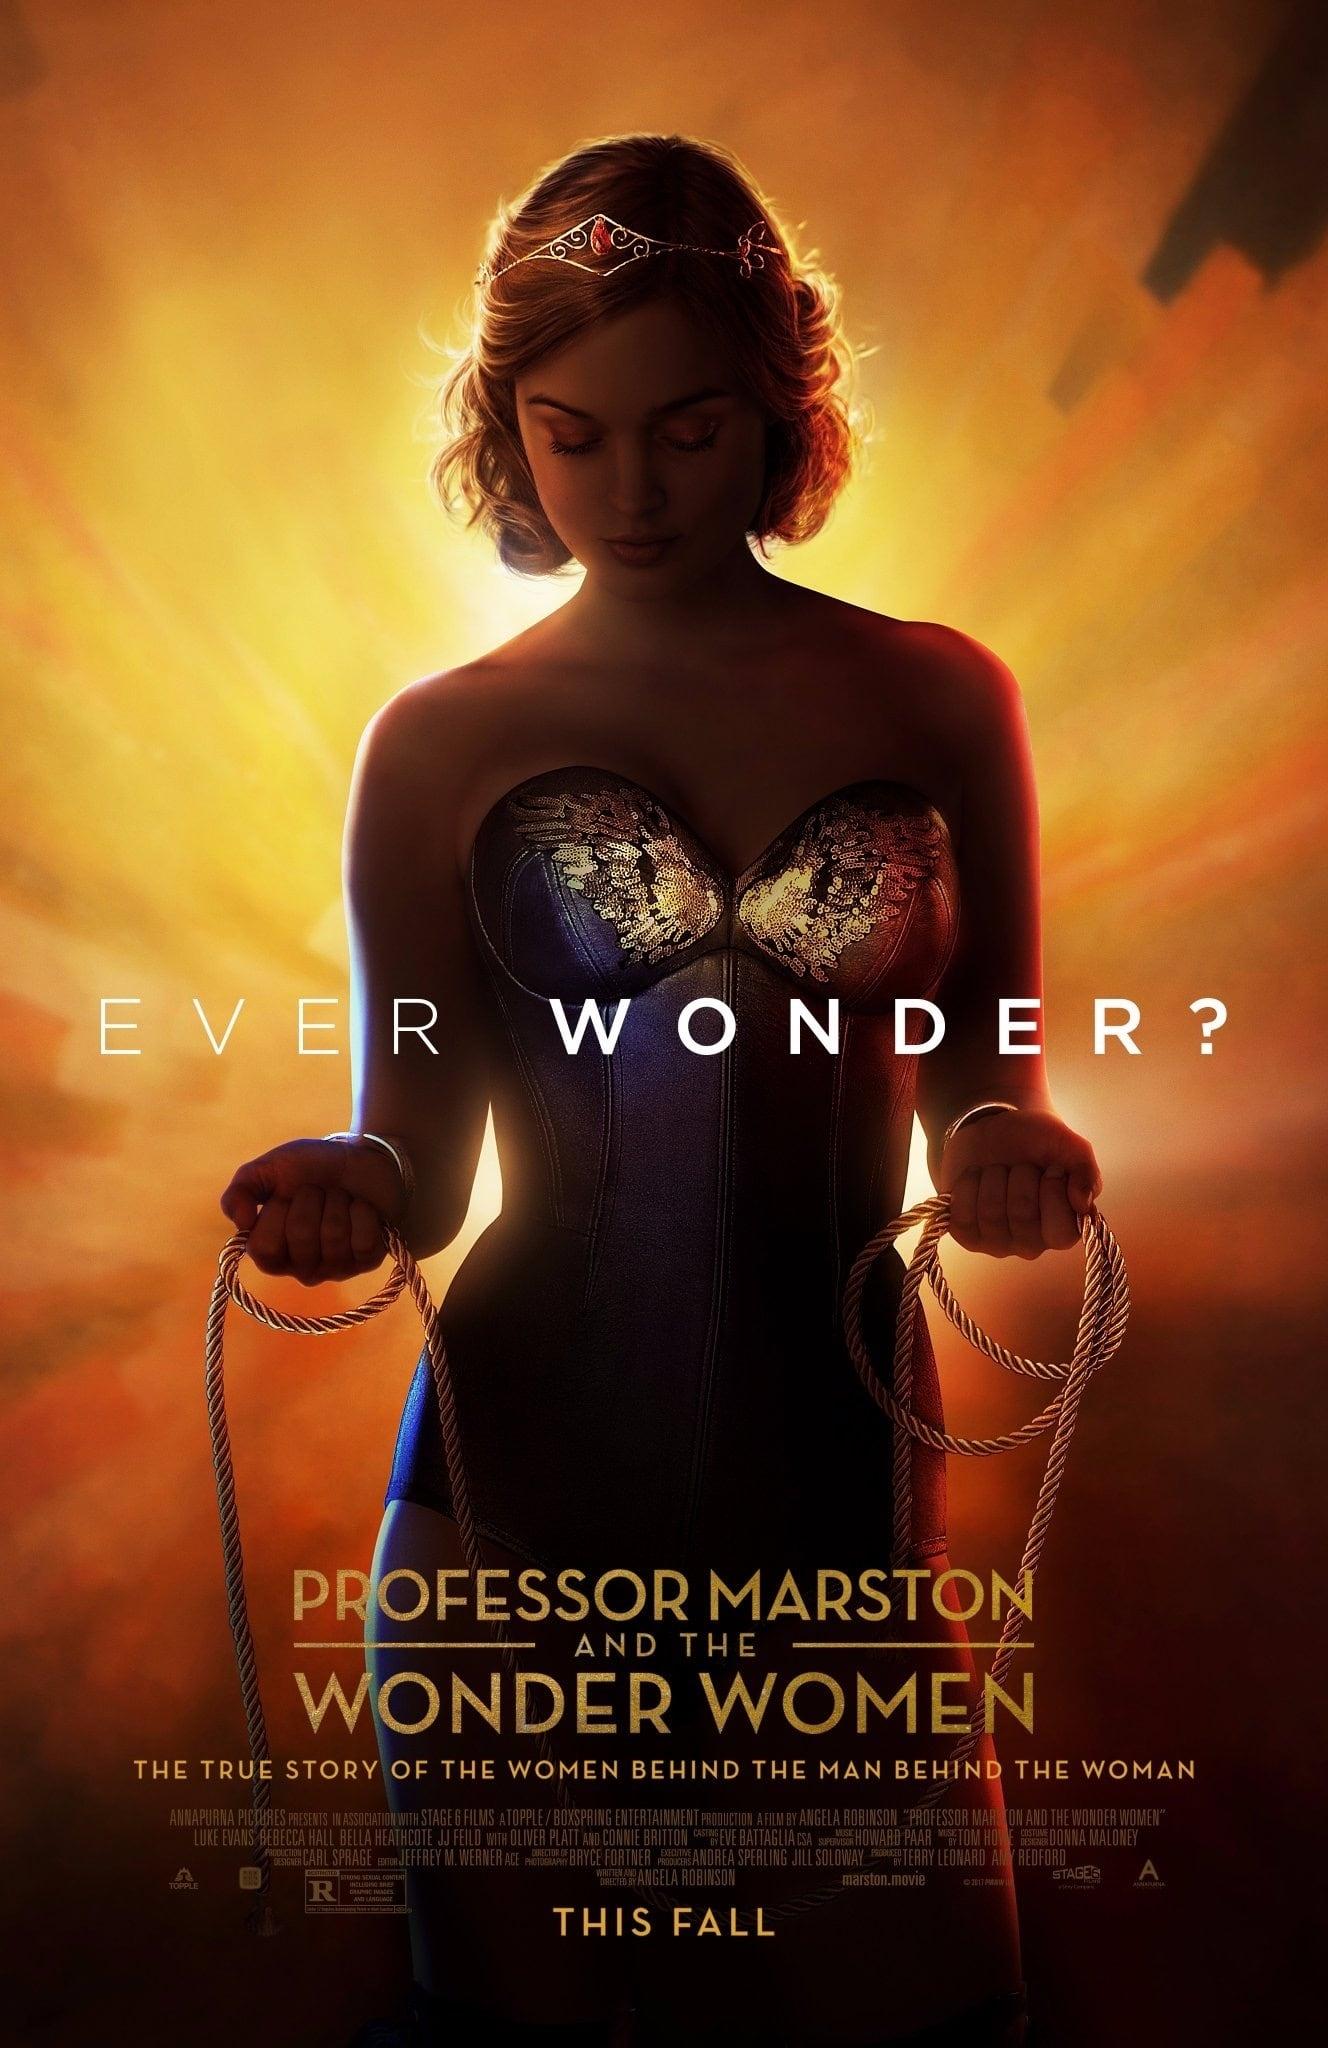 image for Professor Marston & the Wonder Women